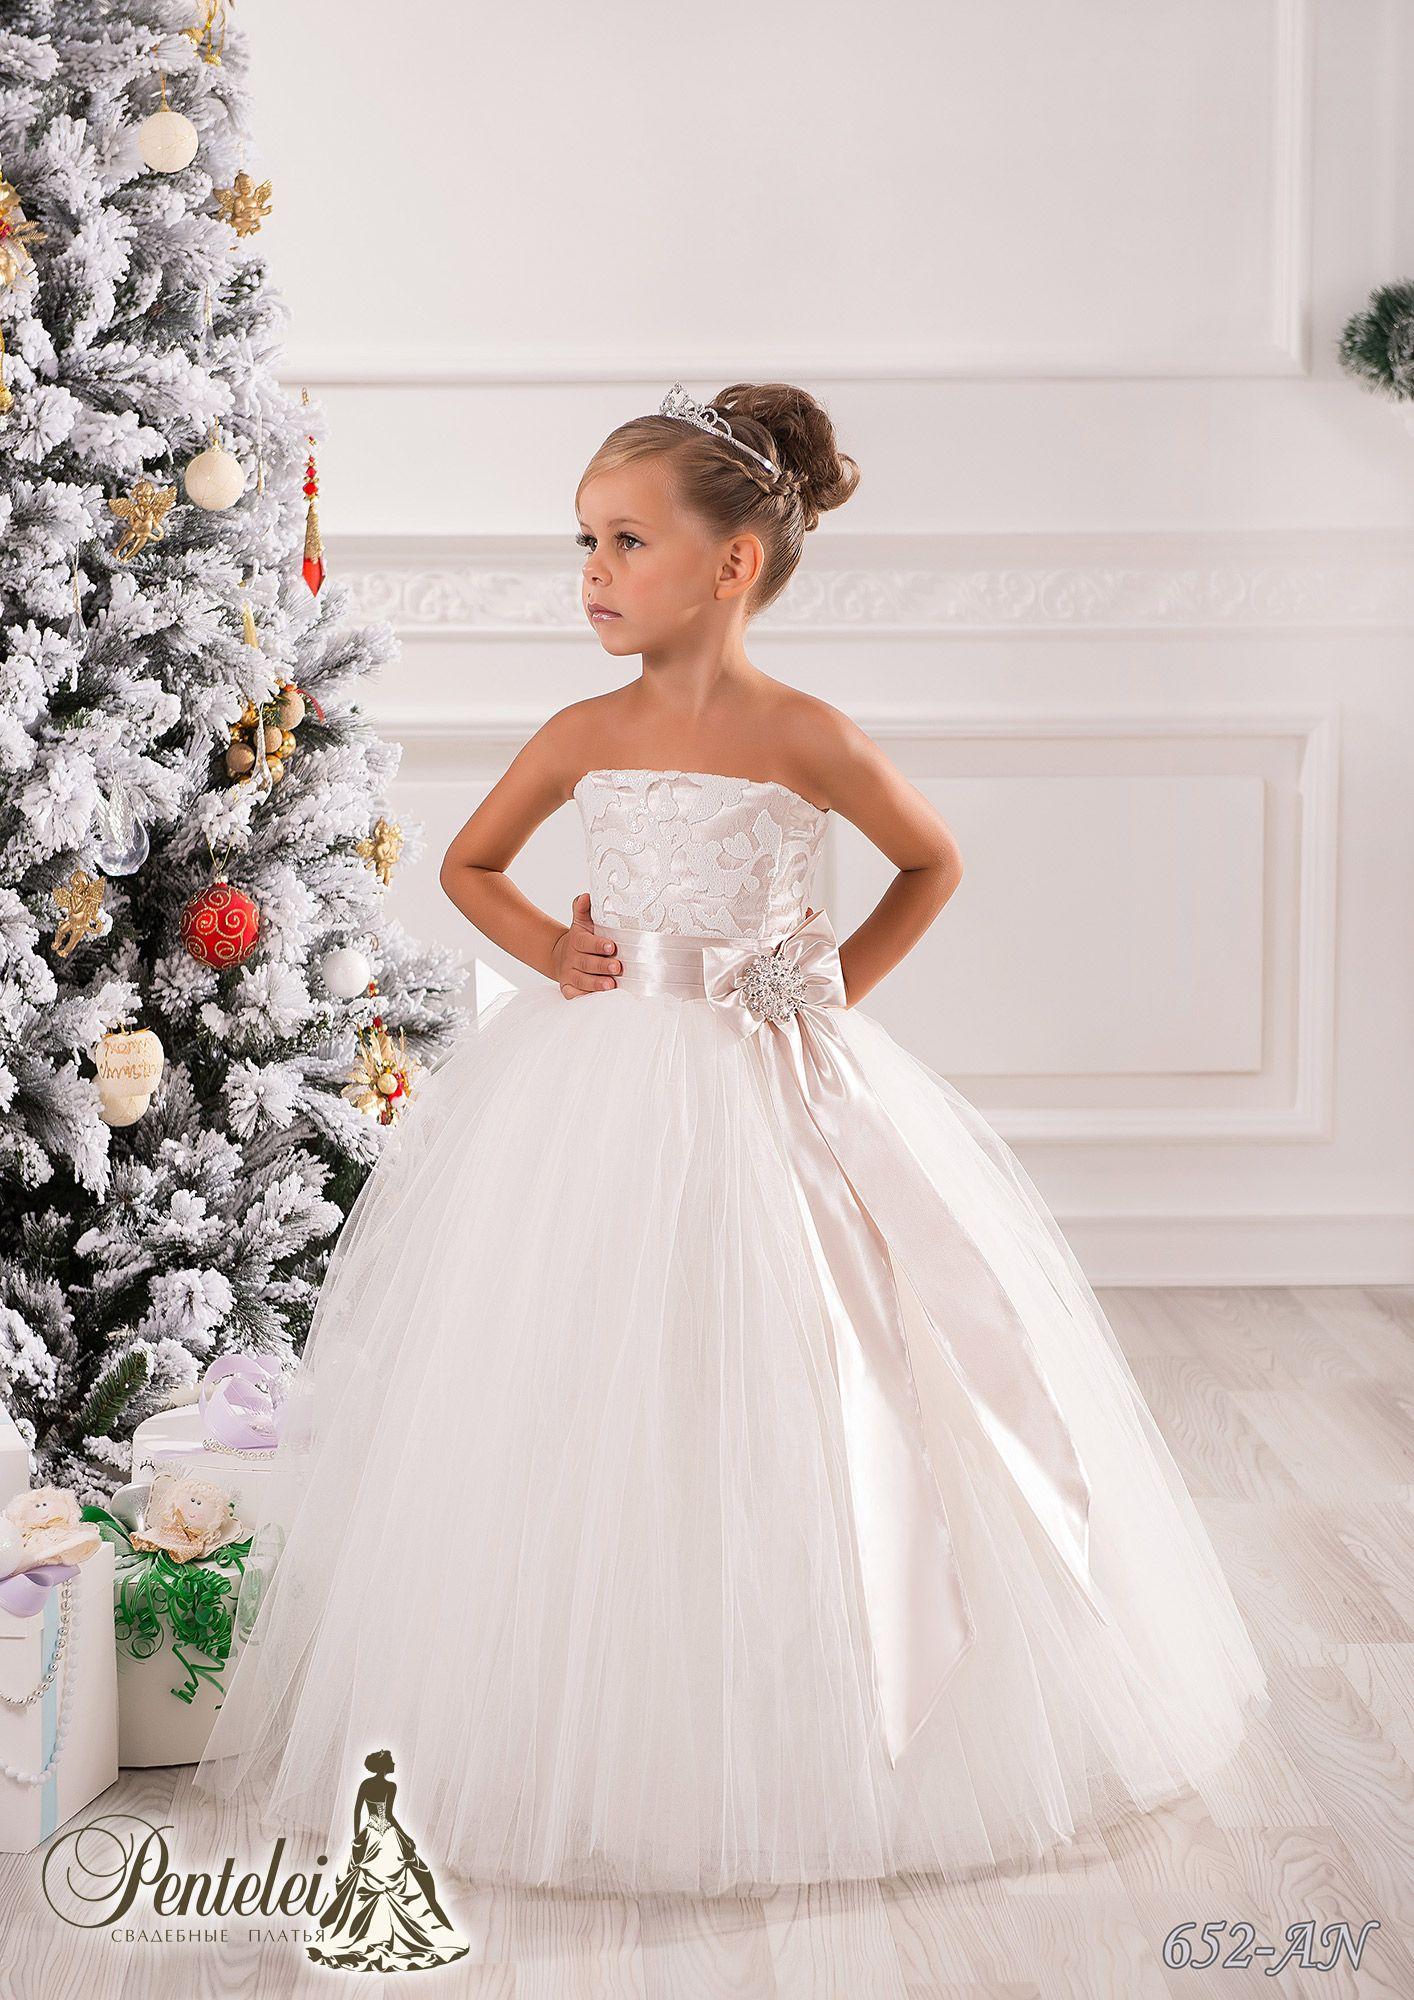 Wholesale Strapless Flower Girl Dresses - Buy Cheap Strapless ...